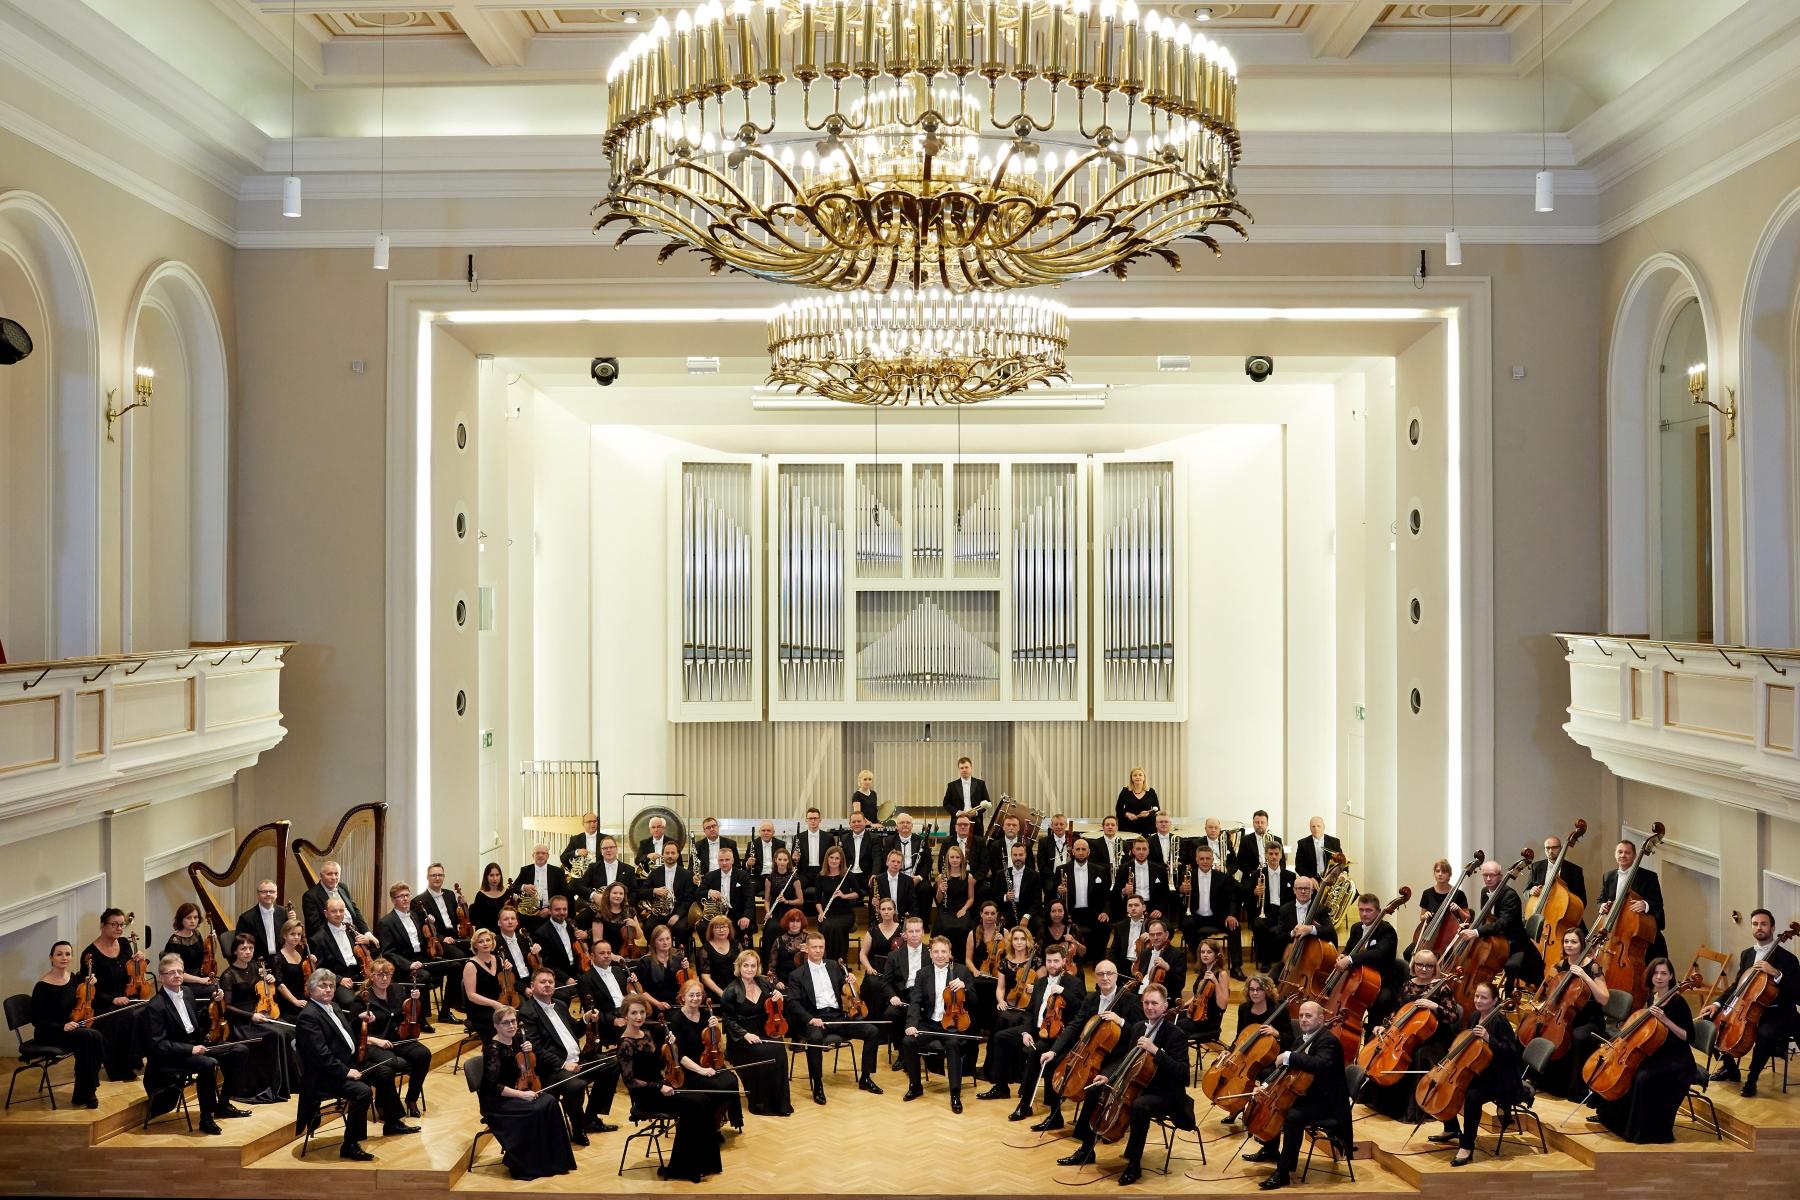 Orkiestra Symfoniczna Filharmonii Śląskiej fot. Karol Fatyga